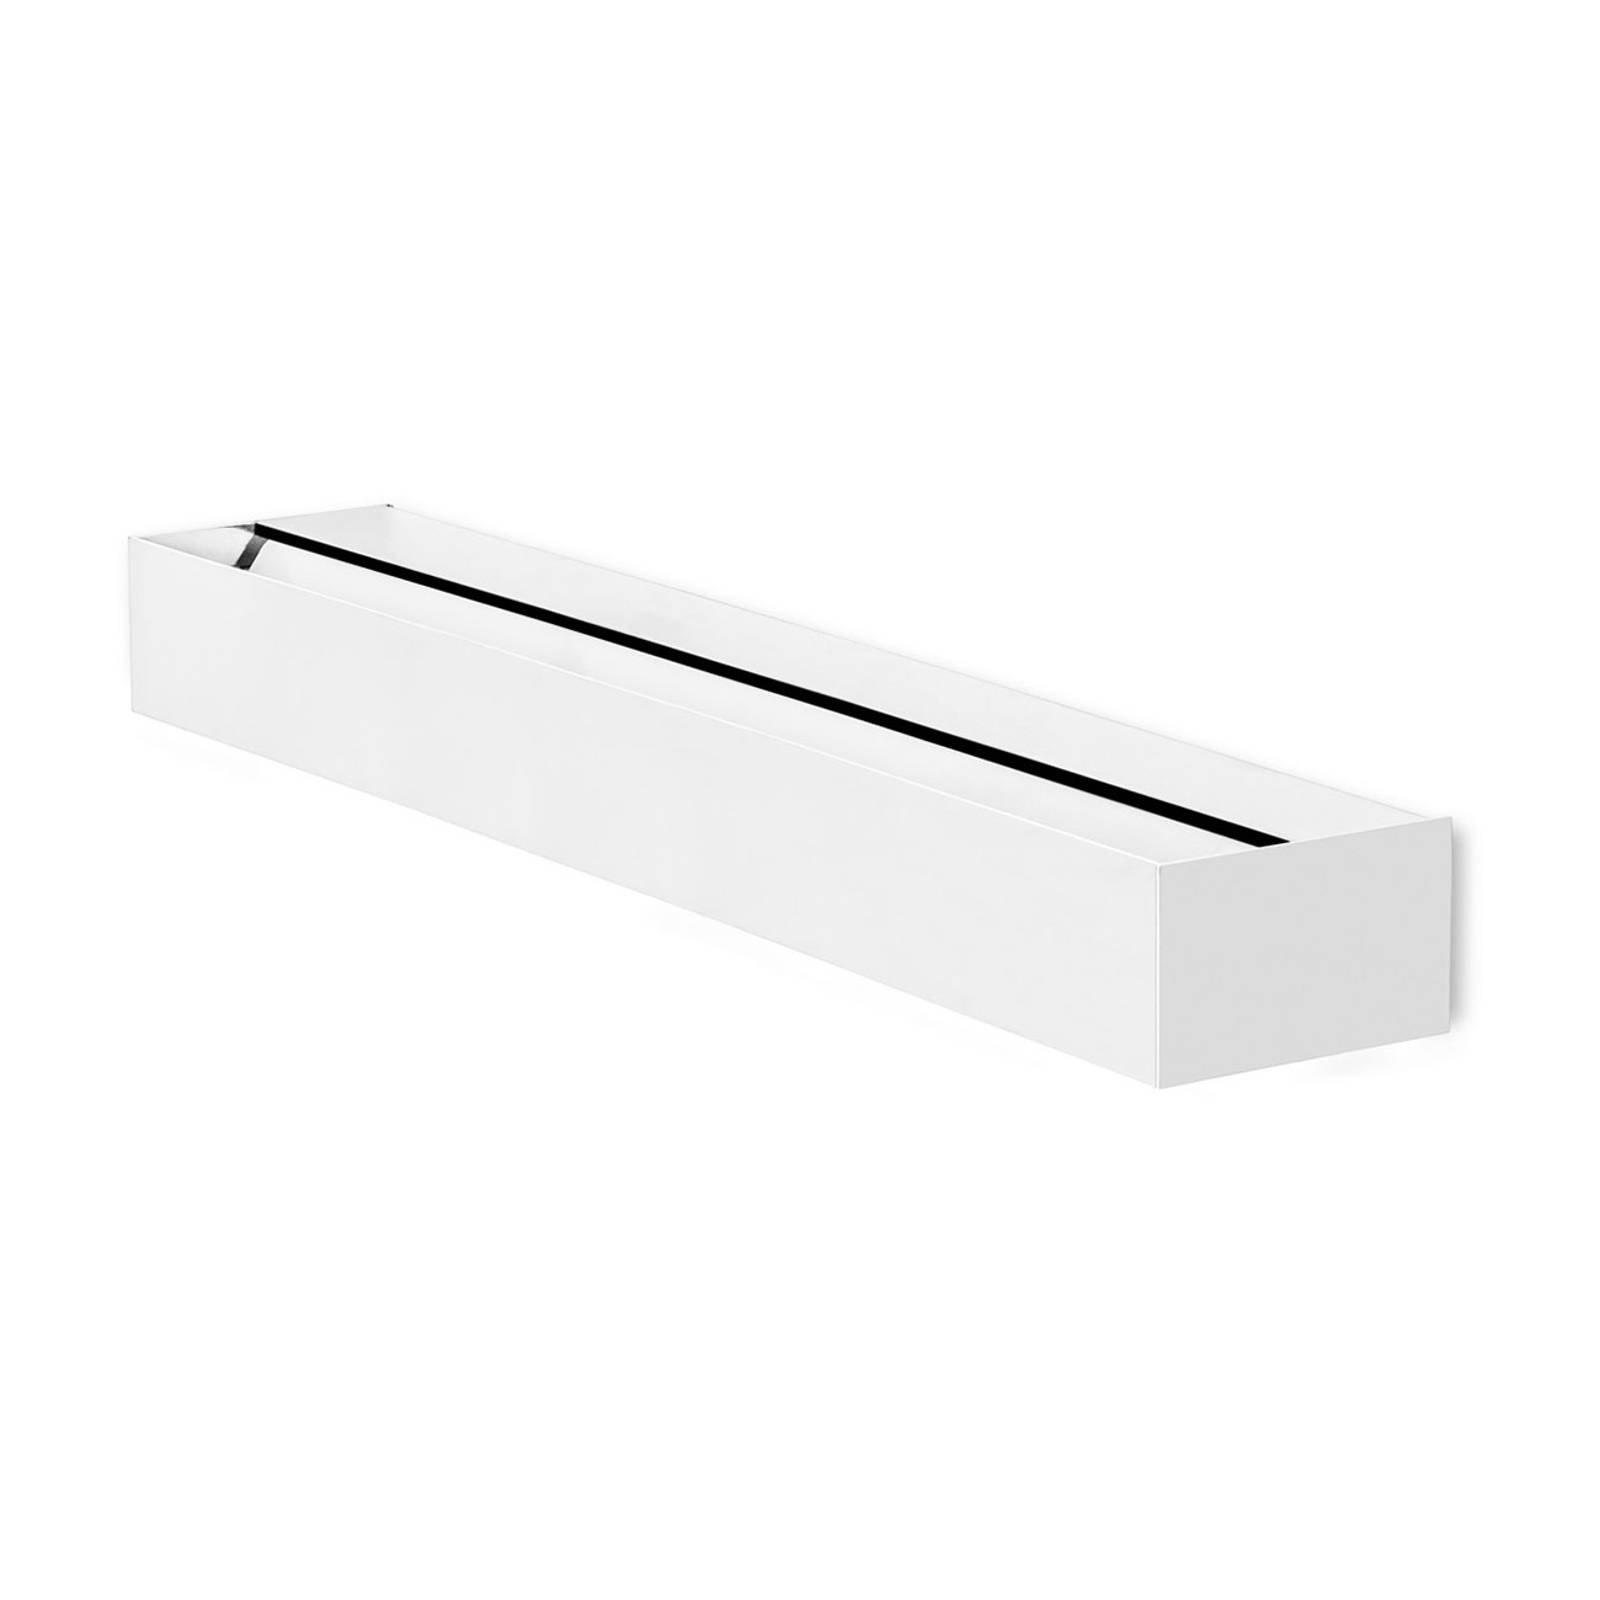 LEDS-C4 Lia LED-vegglampe, matt hvit, 60 cm